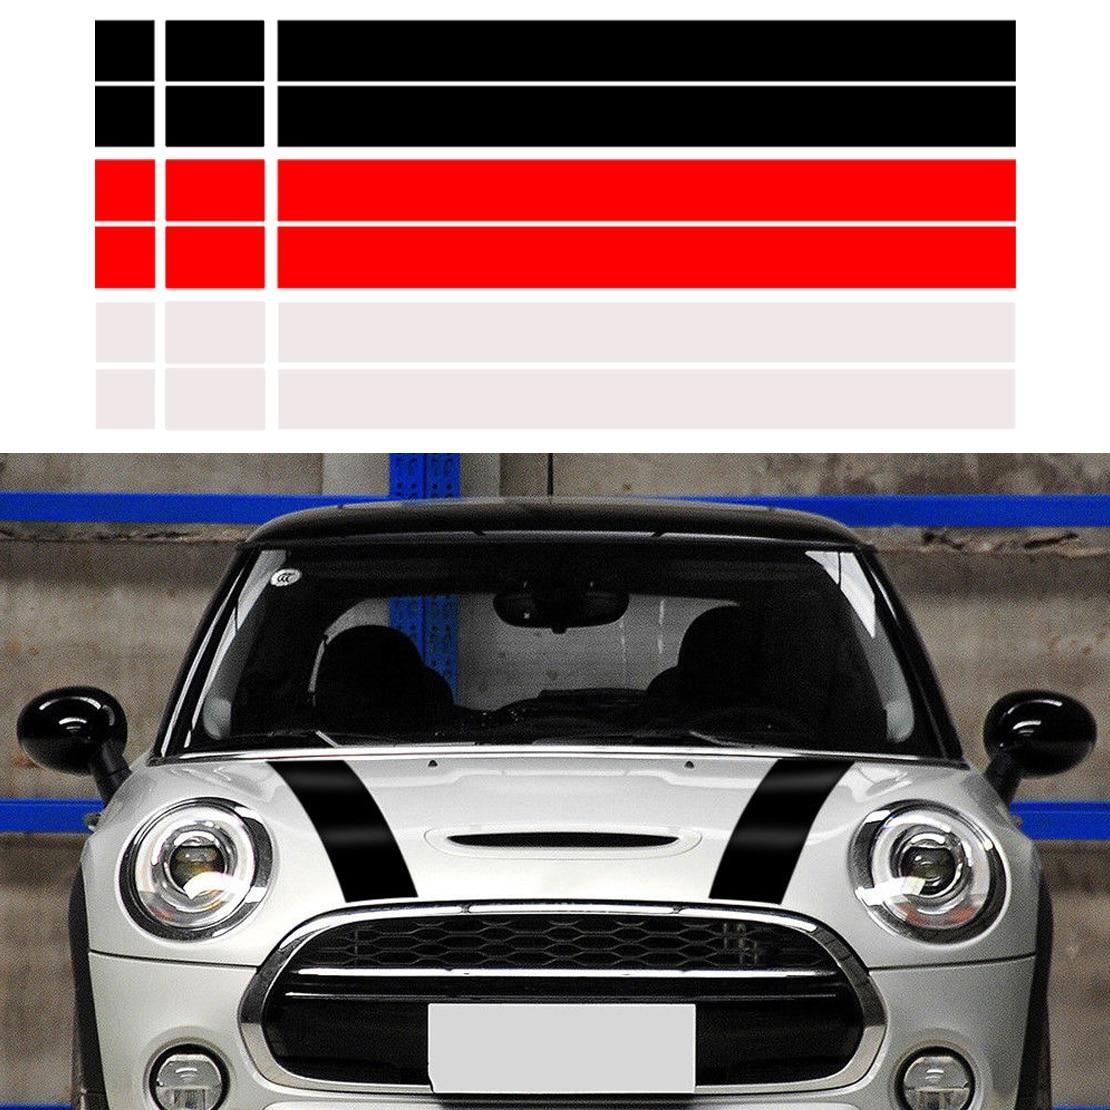 CITALL 2 шт. Автомобильный капот в полоску капот наклейка крышка виниловая наклейка подходит для MINI Cooper R50 R53 R56 R55 dWm2754536 черный/белый/красный